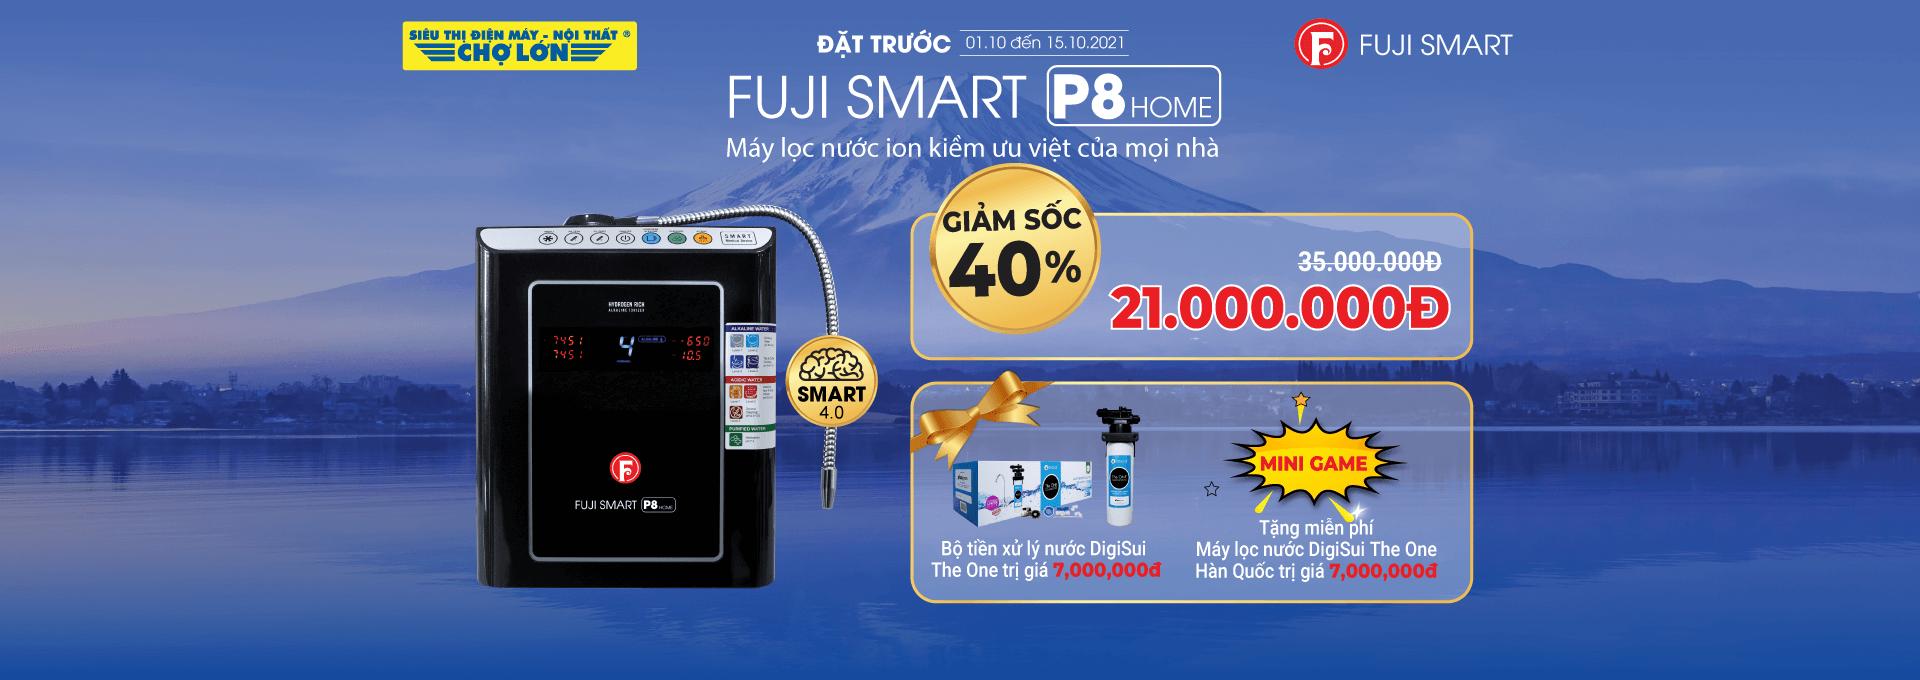 Máy Lọc Nước Điện Giải Ion Kiềm Fuji Smart P8 Home